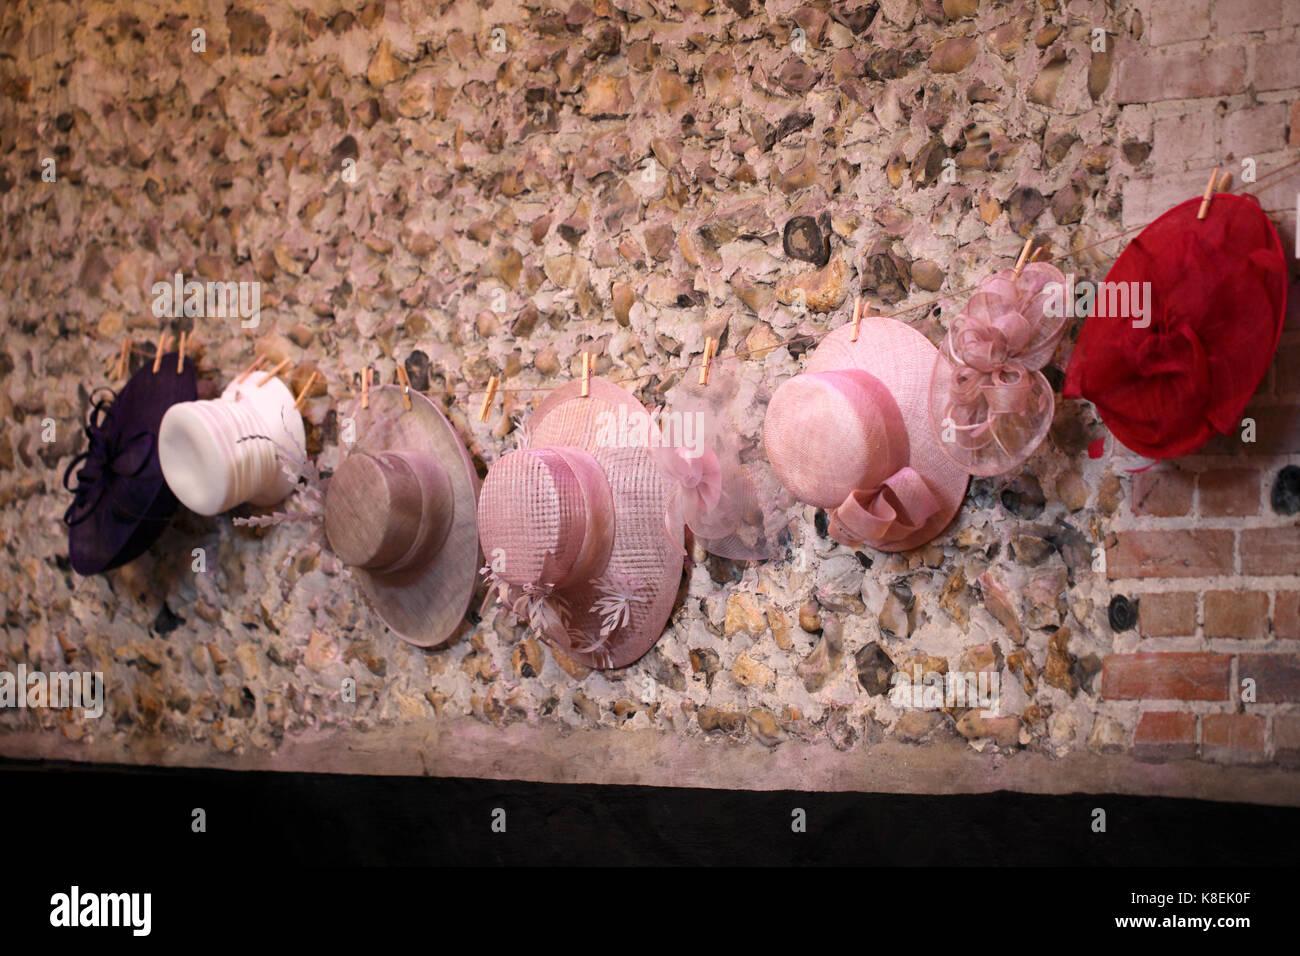 Wedding Hats Stock Photos & Wedding Hats Stock Images - Alamy